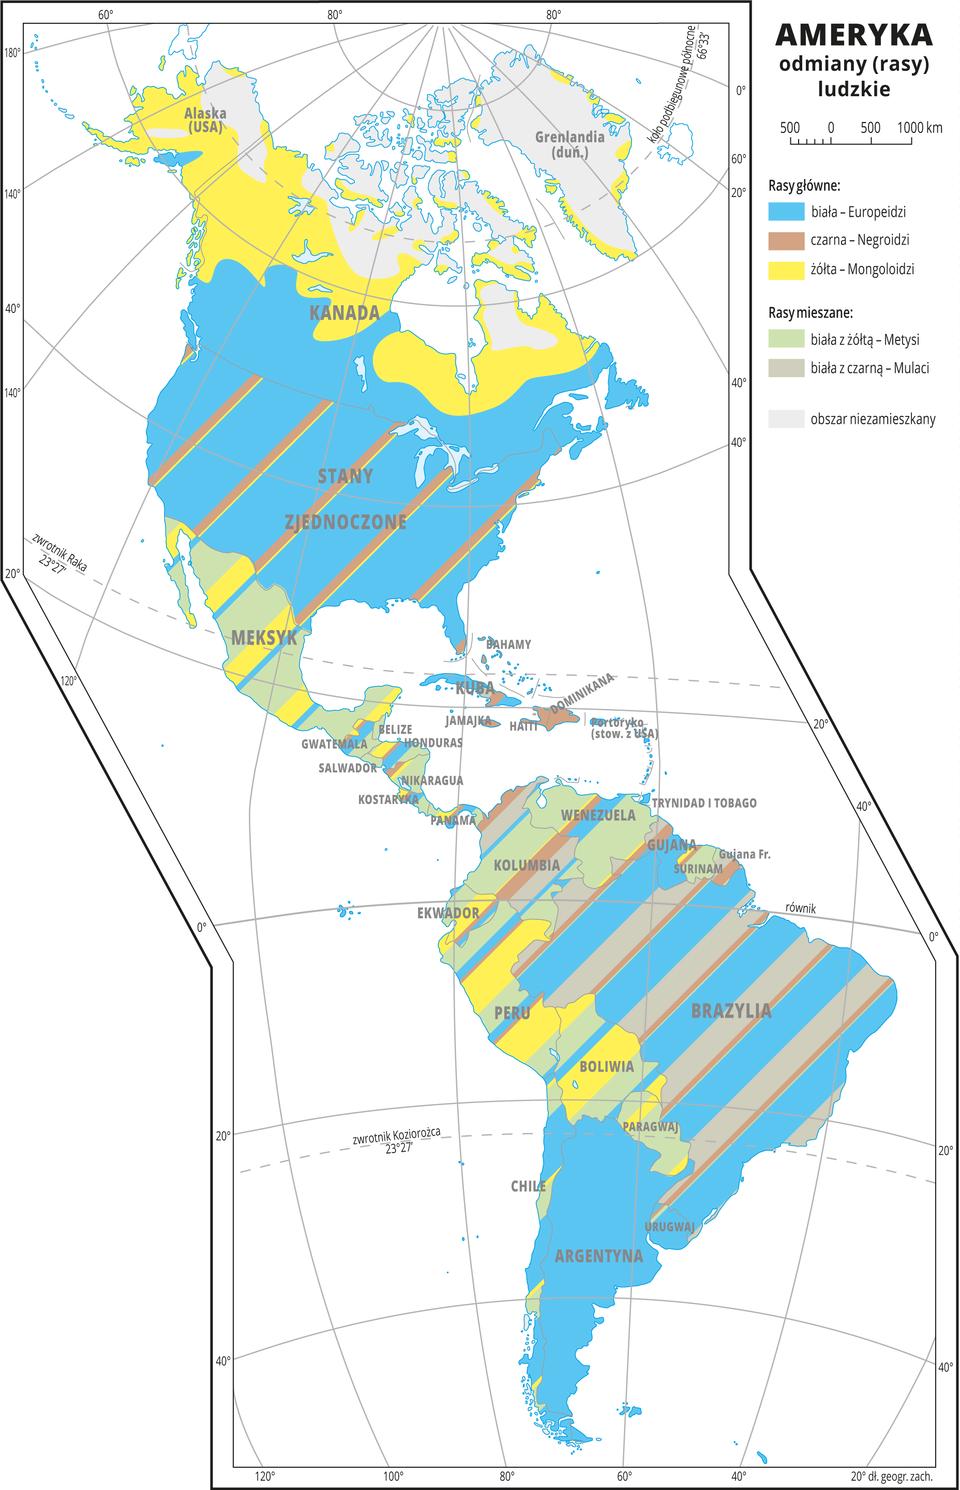 Ilustracja przedstawia mapę odmian ludzkich wAmeryce. Odmiany główne: biała – Europeidzi, żółta – Mongoloidzi, czarna – Negroidzi. odmiany mieszane: biała zżółtą – Metysi, biała zczarną – Mulaci. Najwięcej obszarów pokrywa kolor niebieski oznaczający odmianę białą, na północy Ameryki Północnej przeważa odmiana żółta awAmeryce Środkowej – Metysi. Większość obszarów pokrywają kolorowe pasy oznaczające, że występuje tam ludność różnych odmian. Dookoła mapy wbiałej ramce opisano współrzędne geograficzne co dwadzieścia stopni. Wlegendzie umieszczono iopisano kolory użyte na mapie.